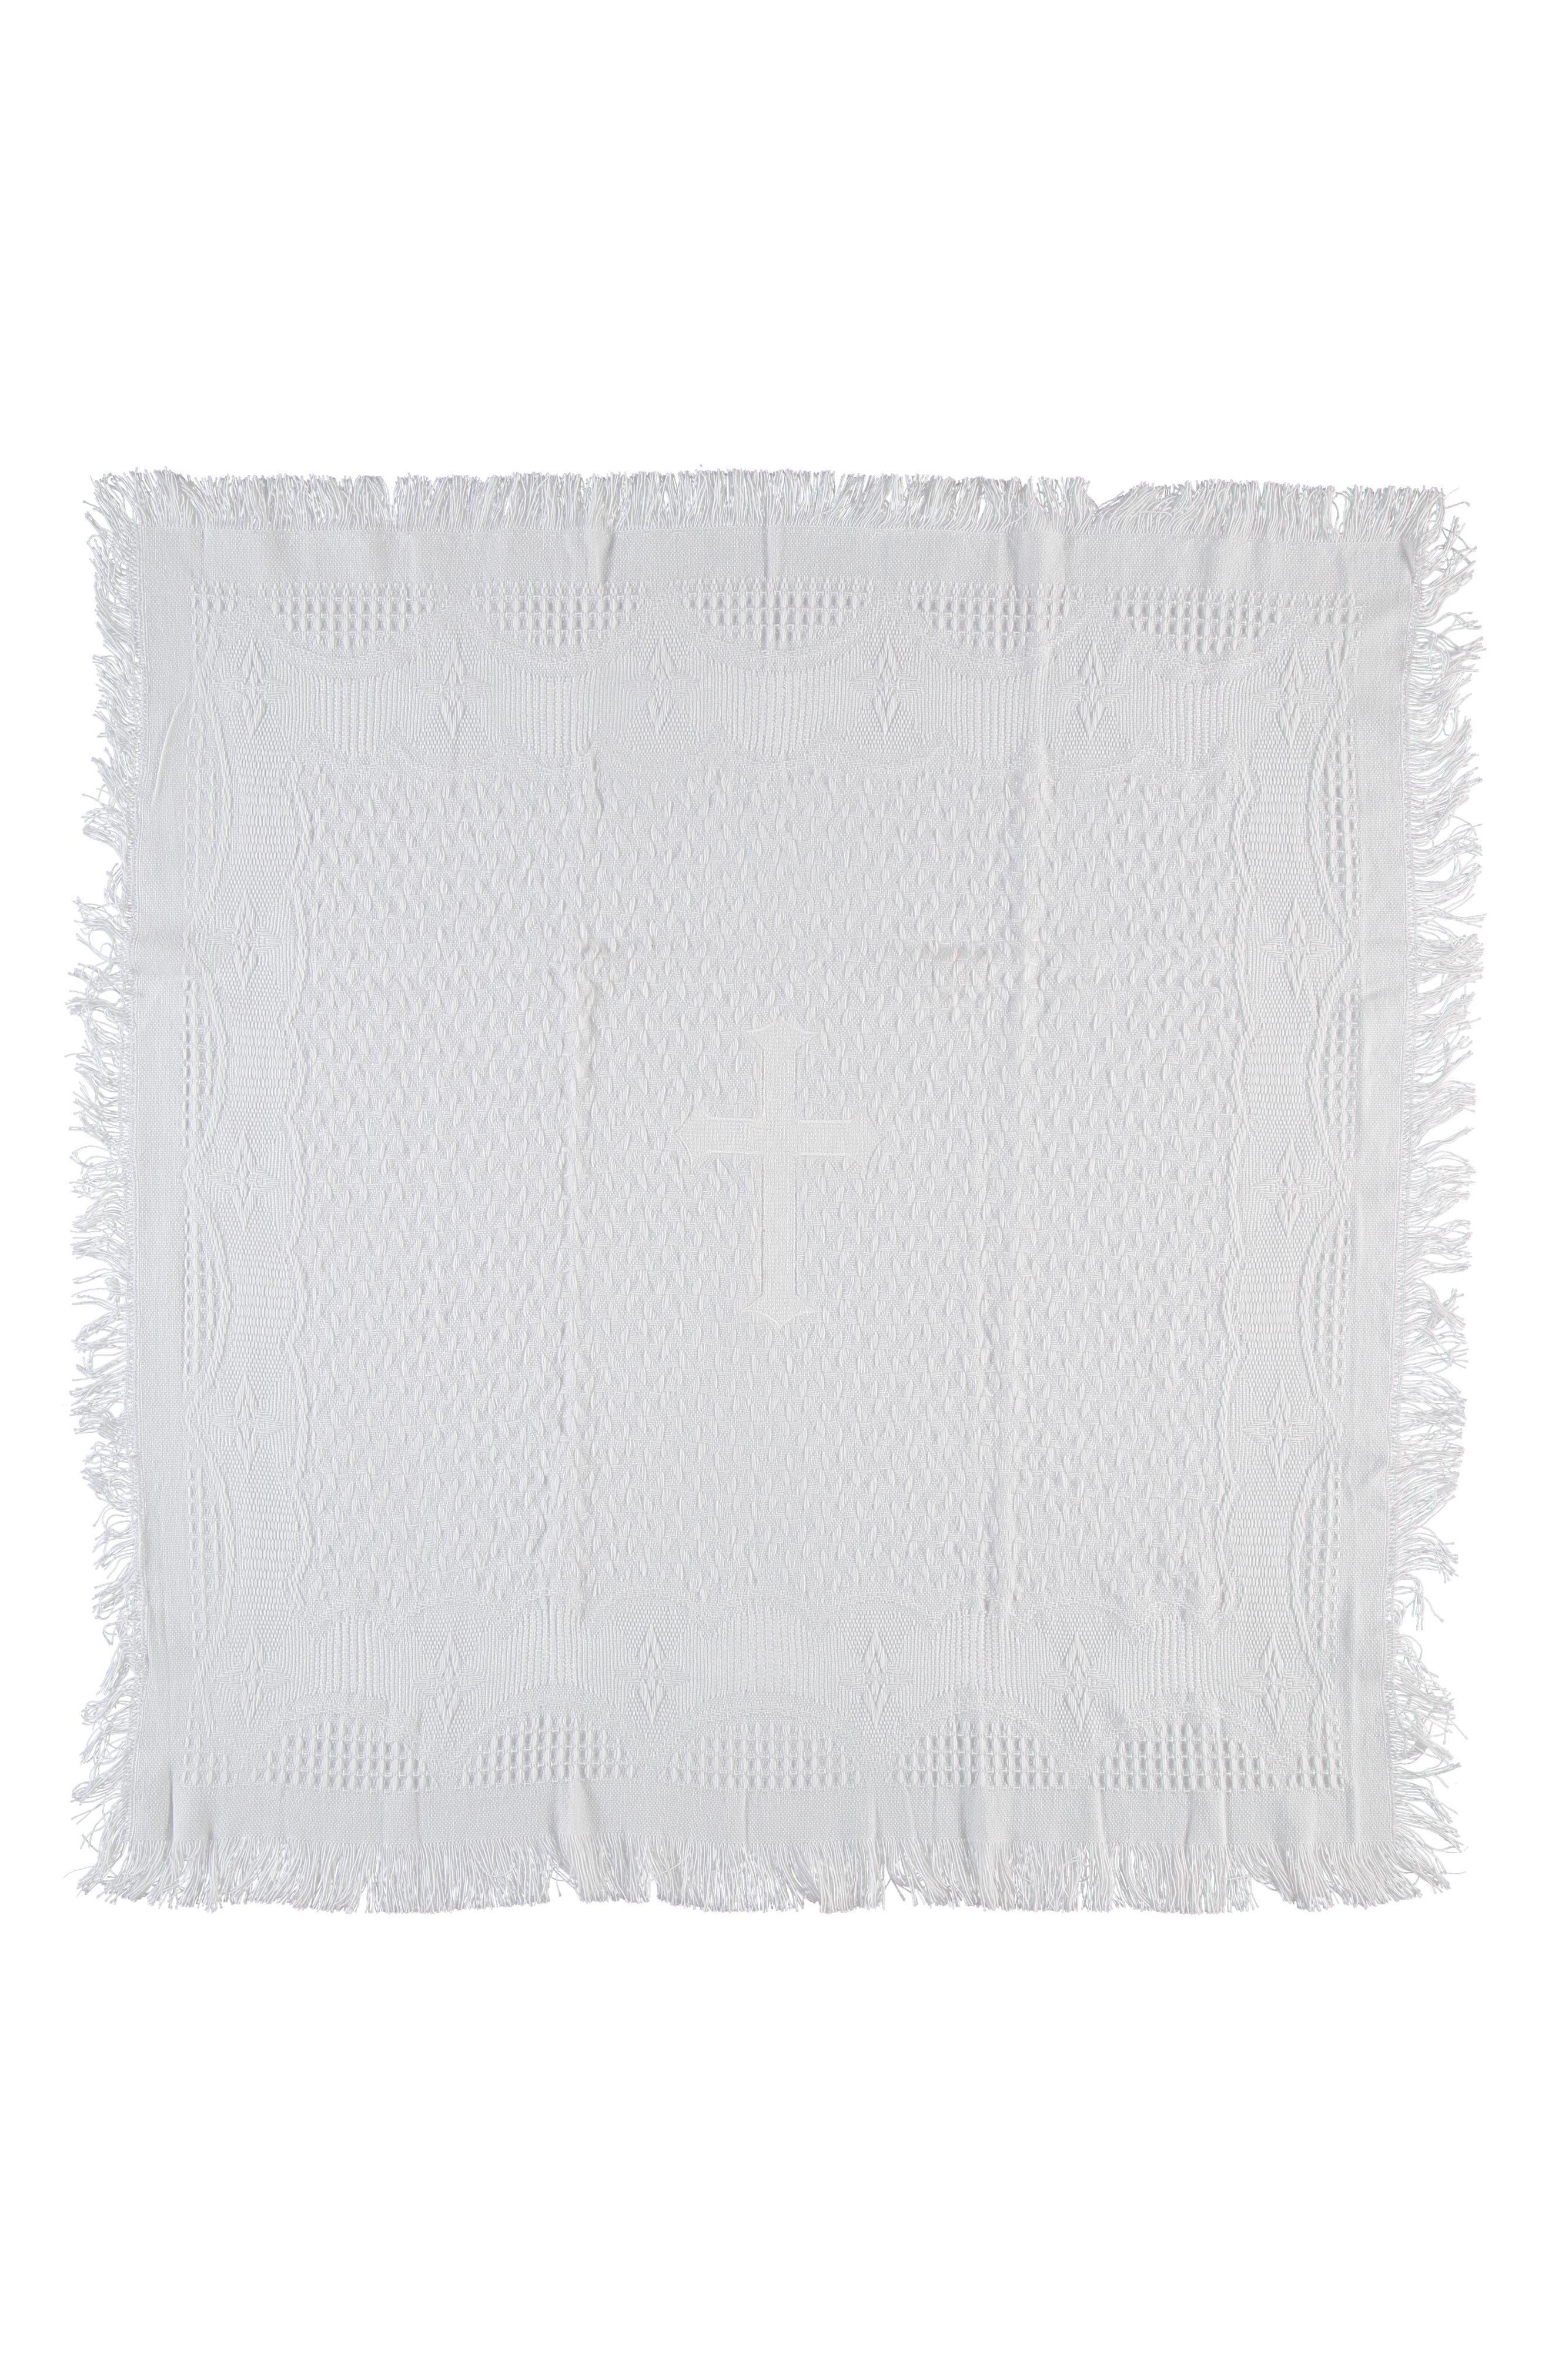 Christening Blanket,                             Alternate thumbnail 2, color,                             100